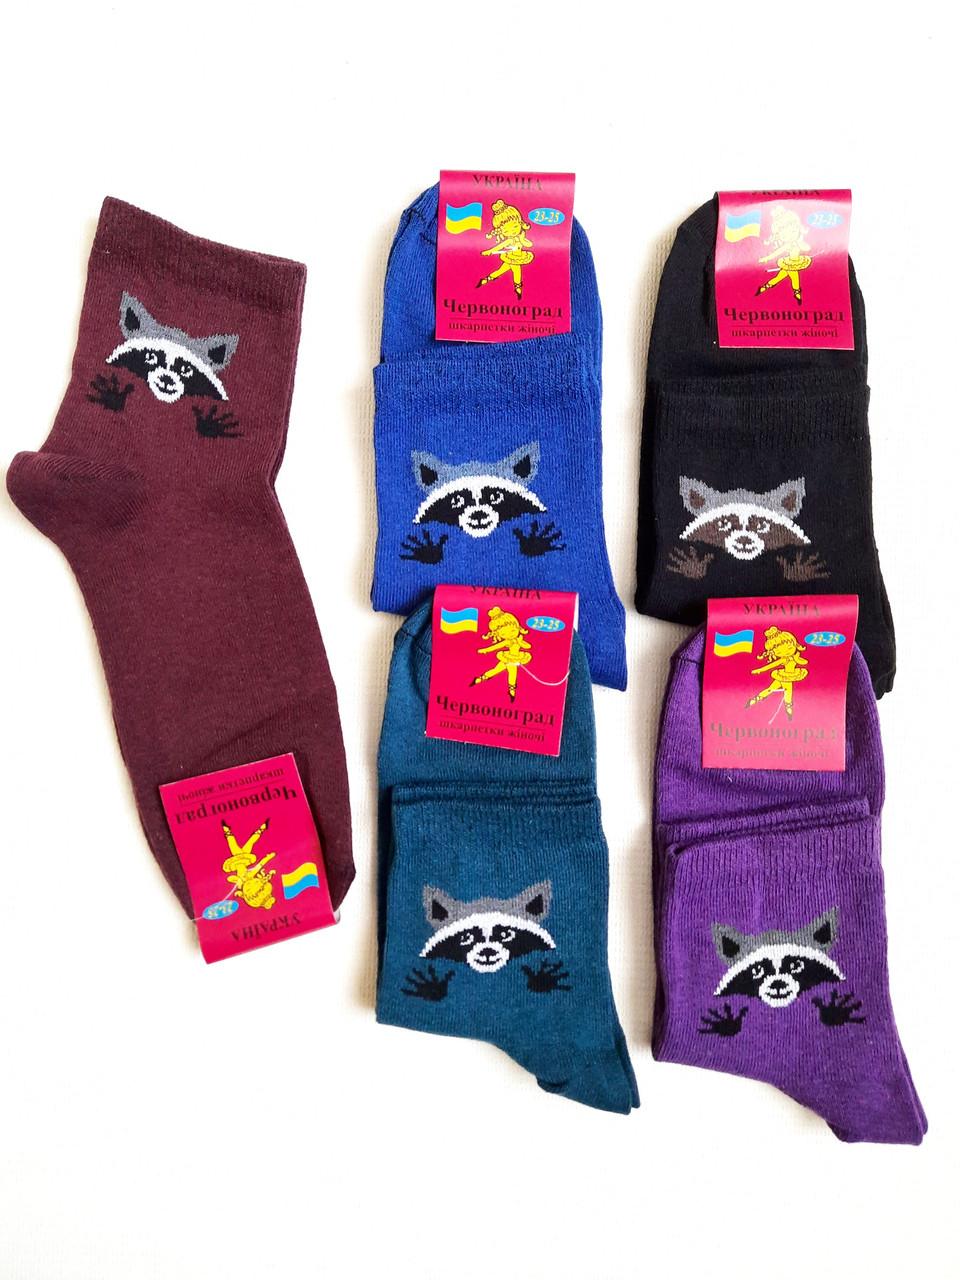 Шкарпетки жіночі бавовна стрейч Україна. Розмір 23-25.Від 10 пар по 7,50 грн